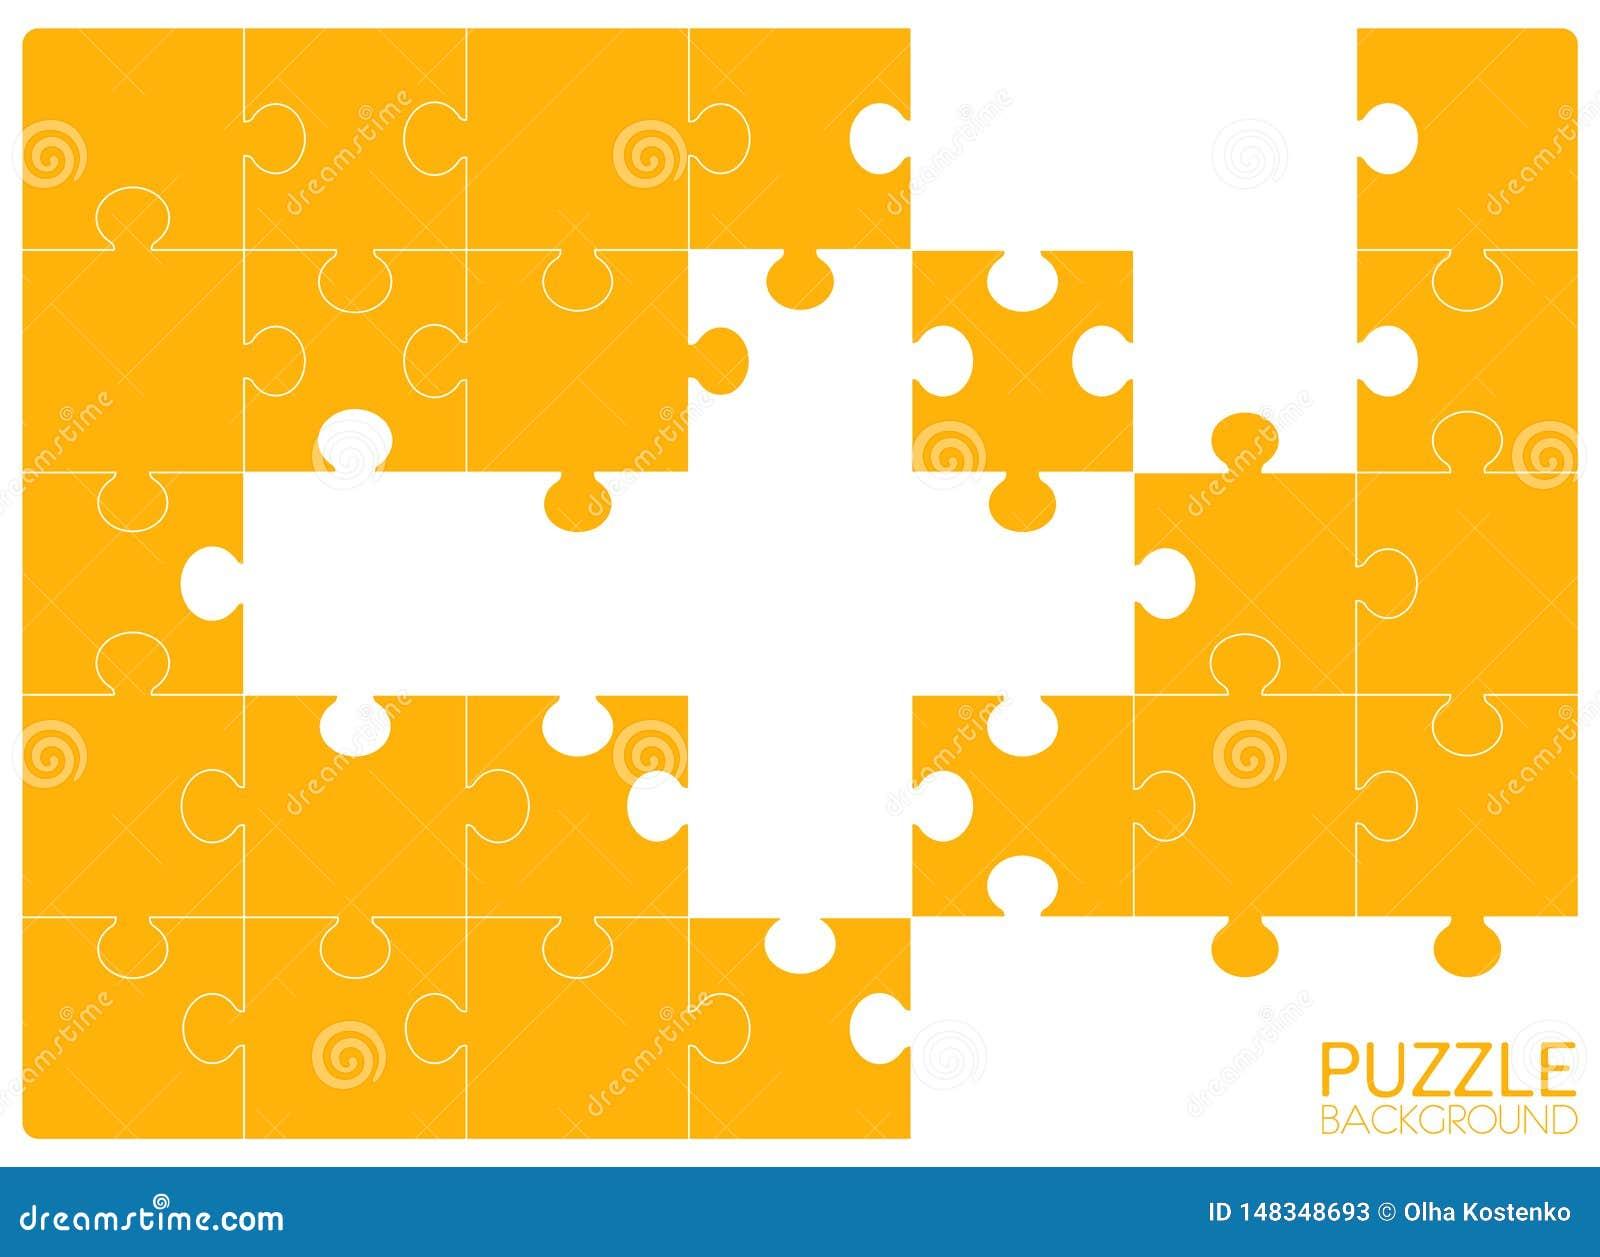 Мозаика 24 части, без некоторых частей